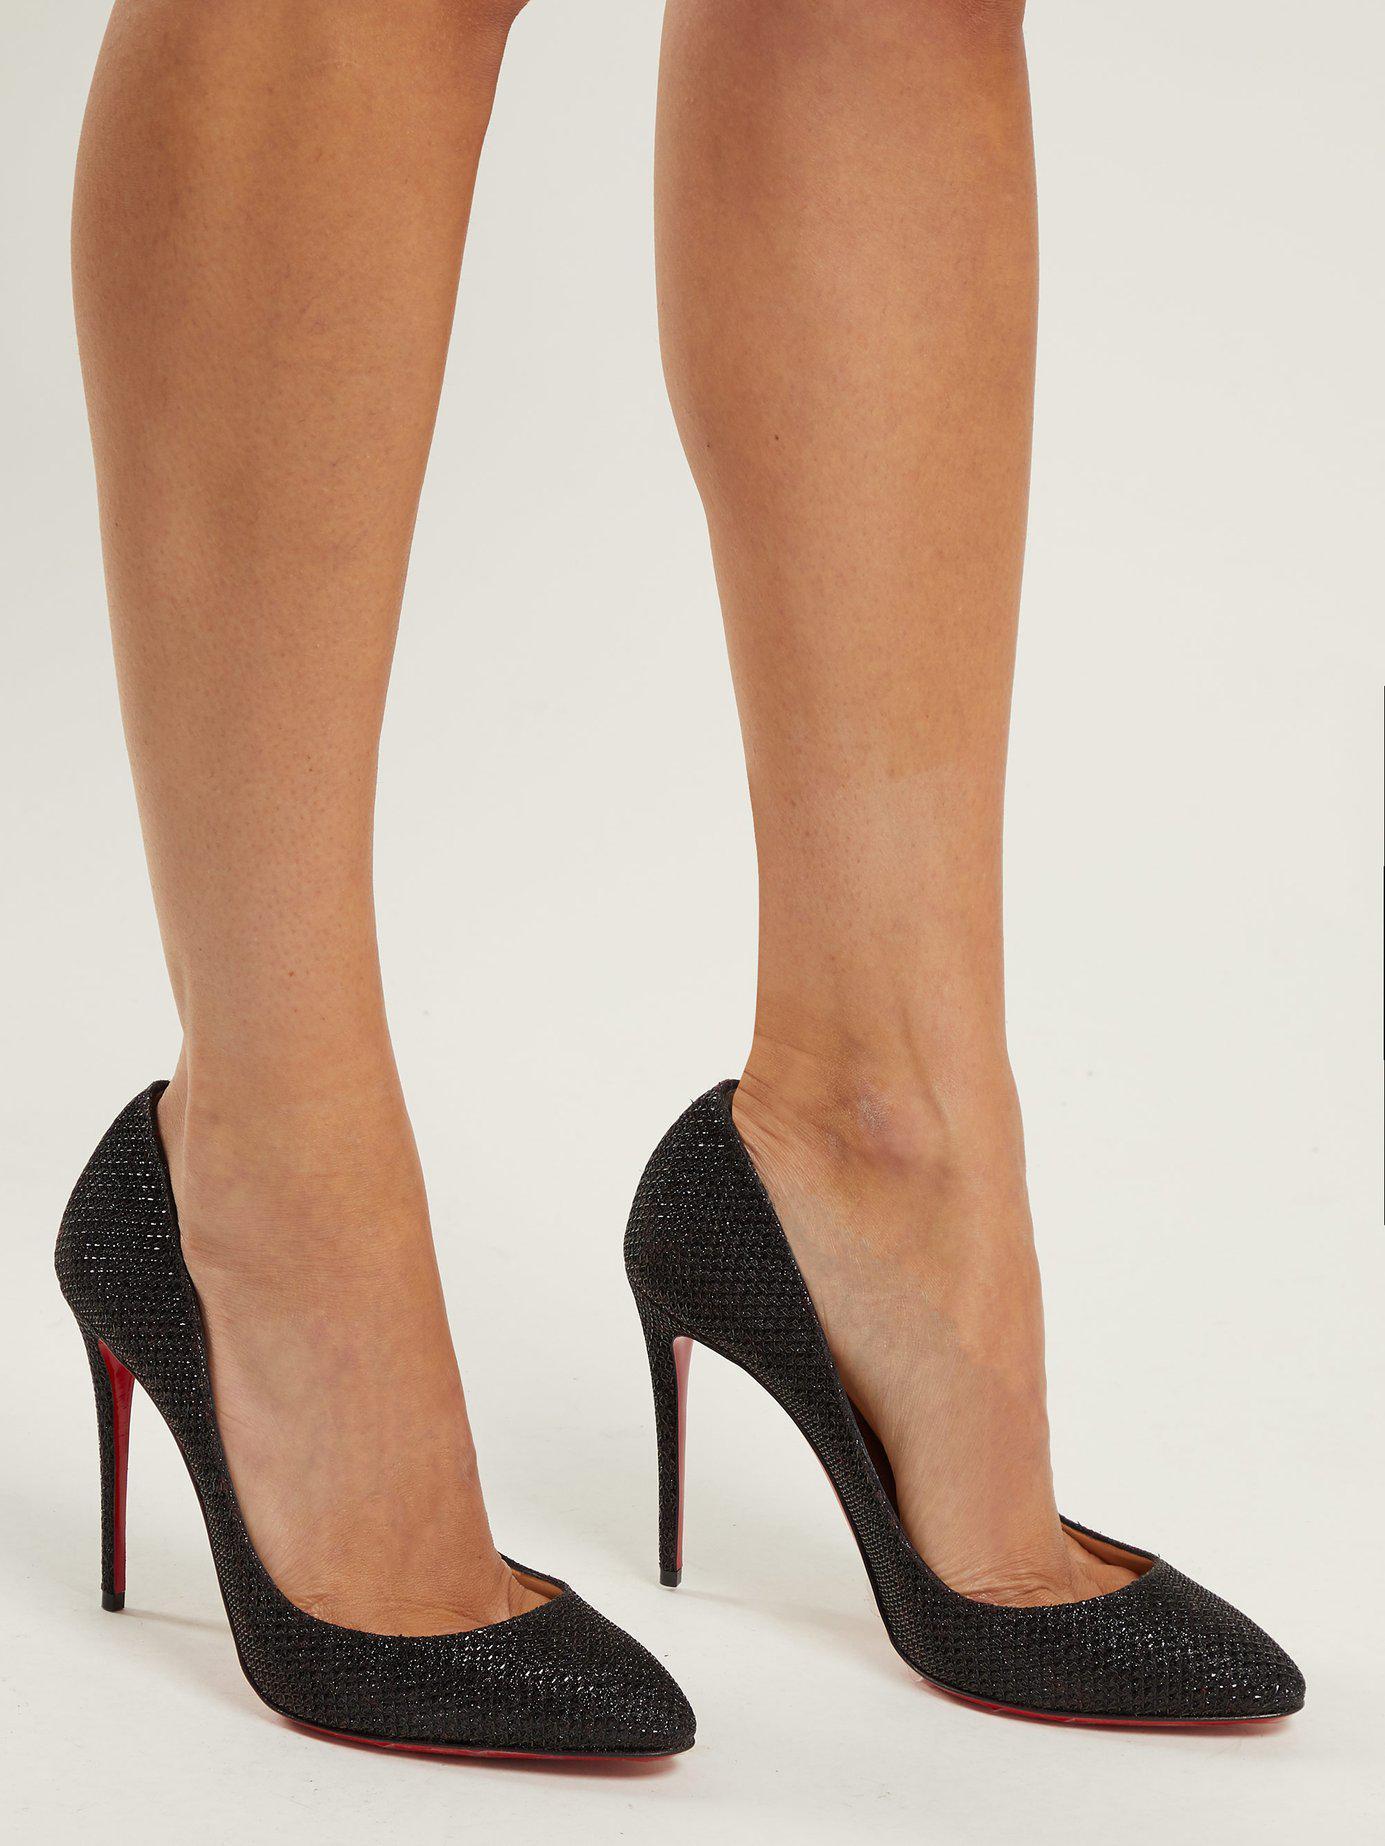 sale retailer 876ab e7367 Women's Black Eloise 100 Glitter Pumps